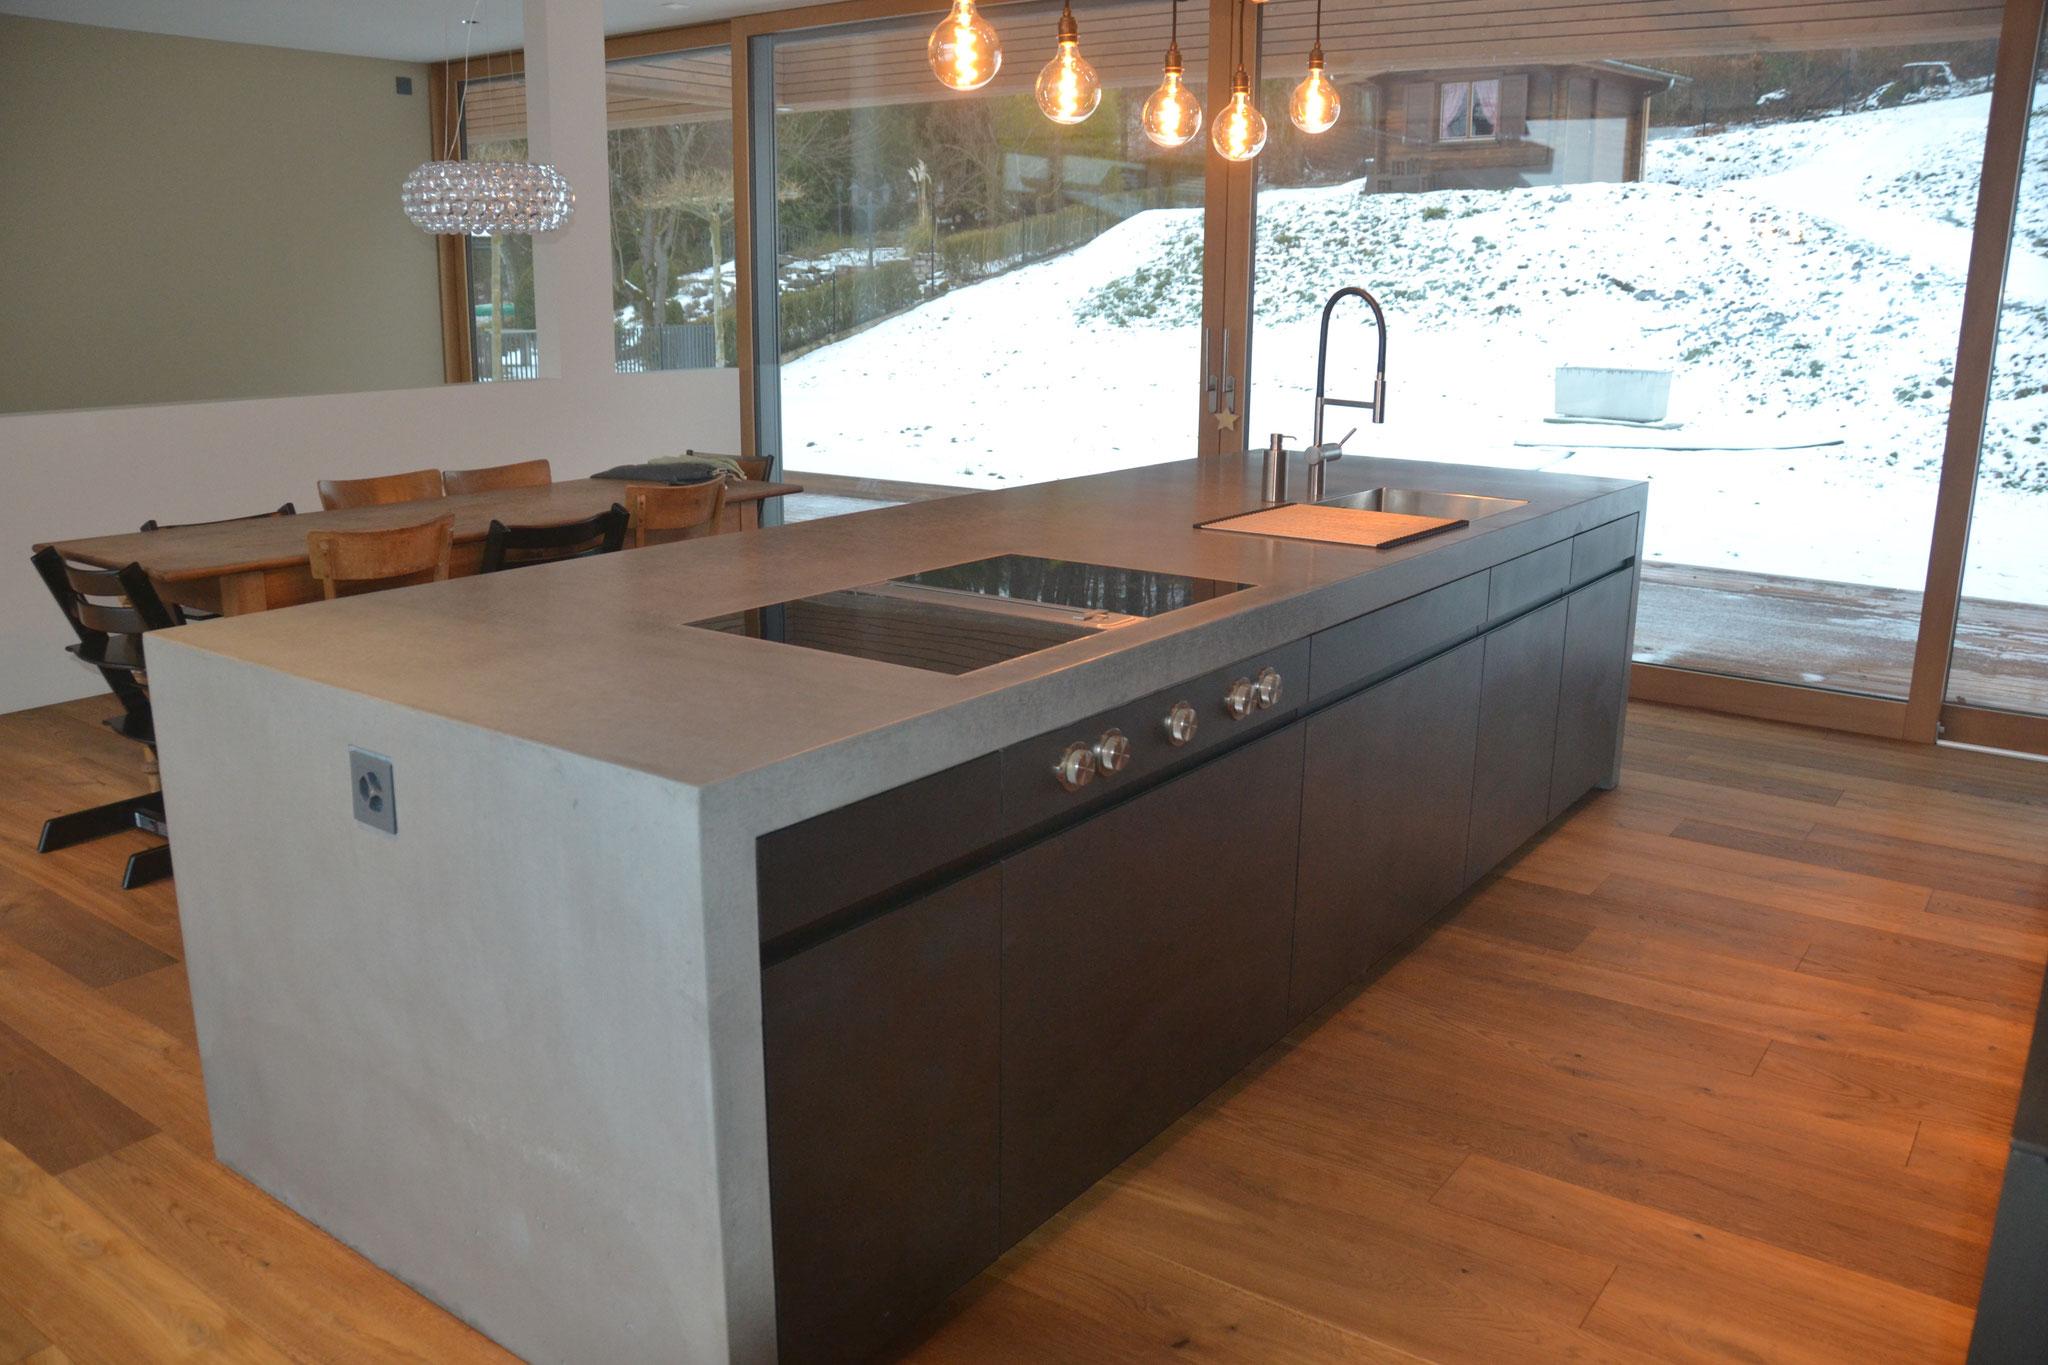 Beton & Raum Design - Nonnast raum&beton design